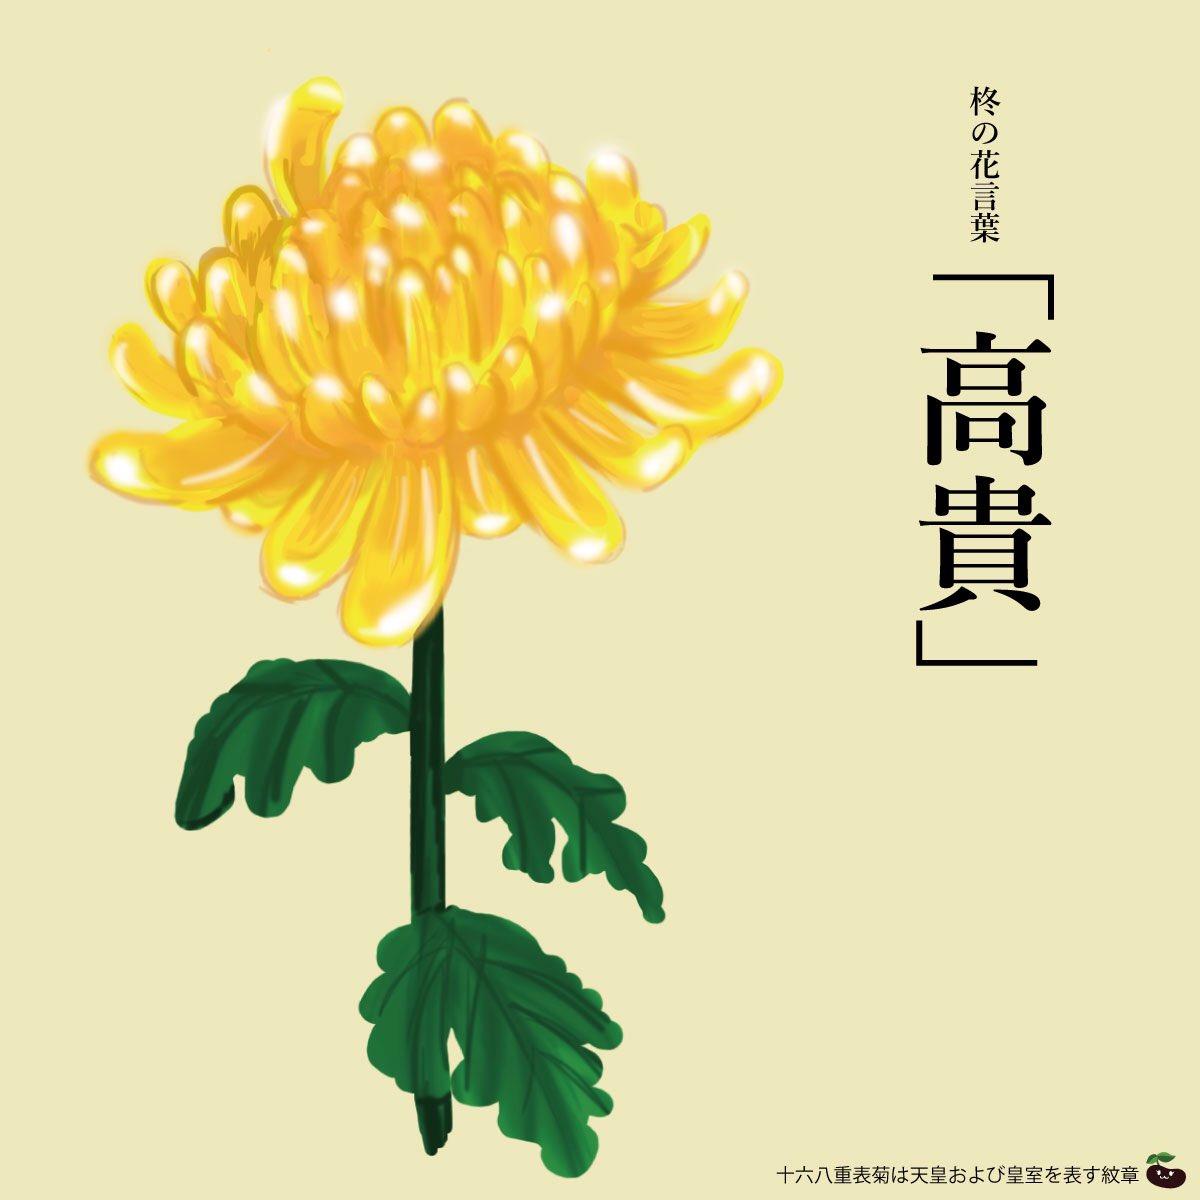 きょう2月11日は《建国記念日》  建国日が明確ではないため、建国神話(日本神話)を基に建国を祝う日…